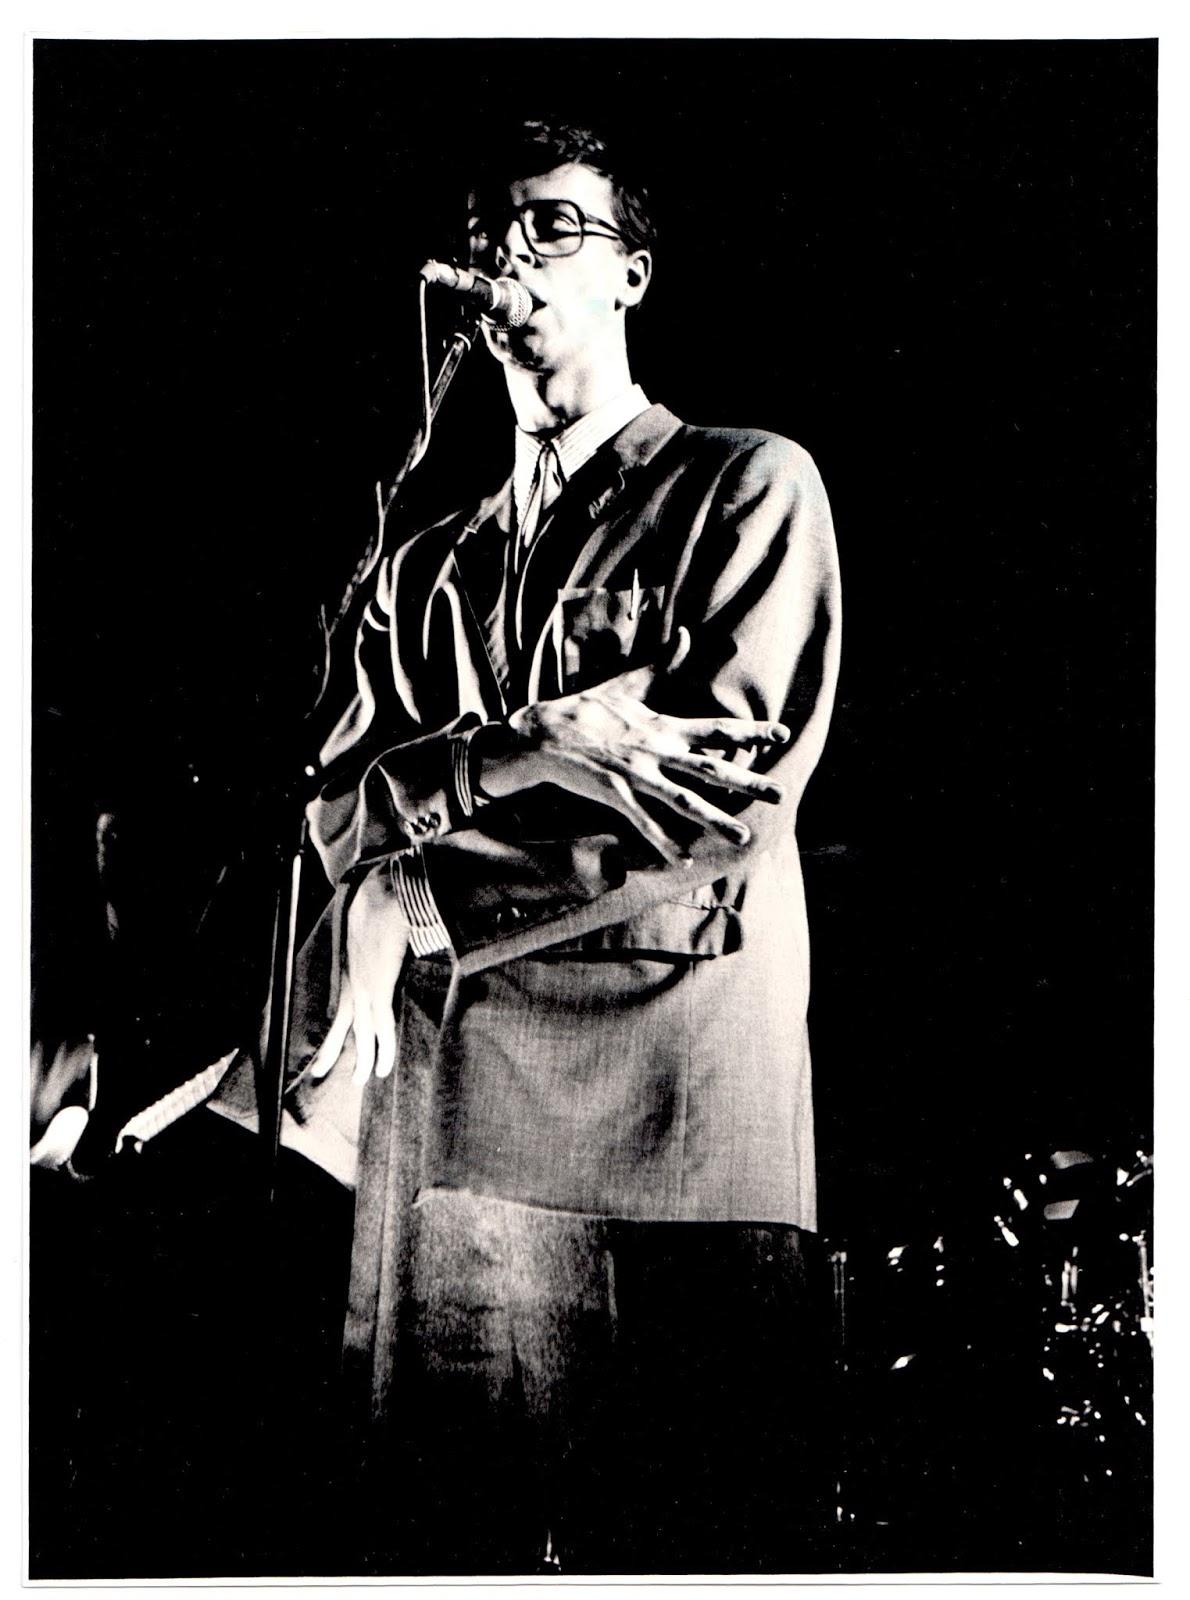 18 January 1980 - Effenaar, Eindhoven, Netherlands